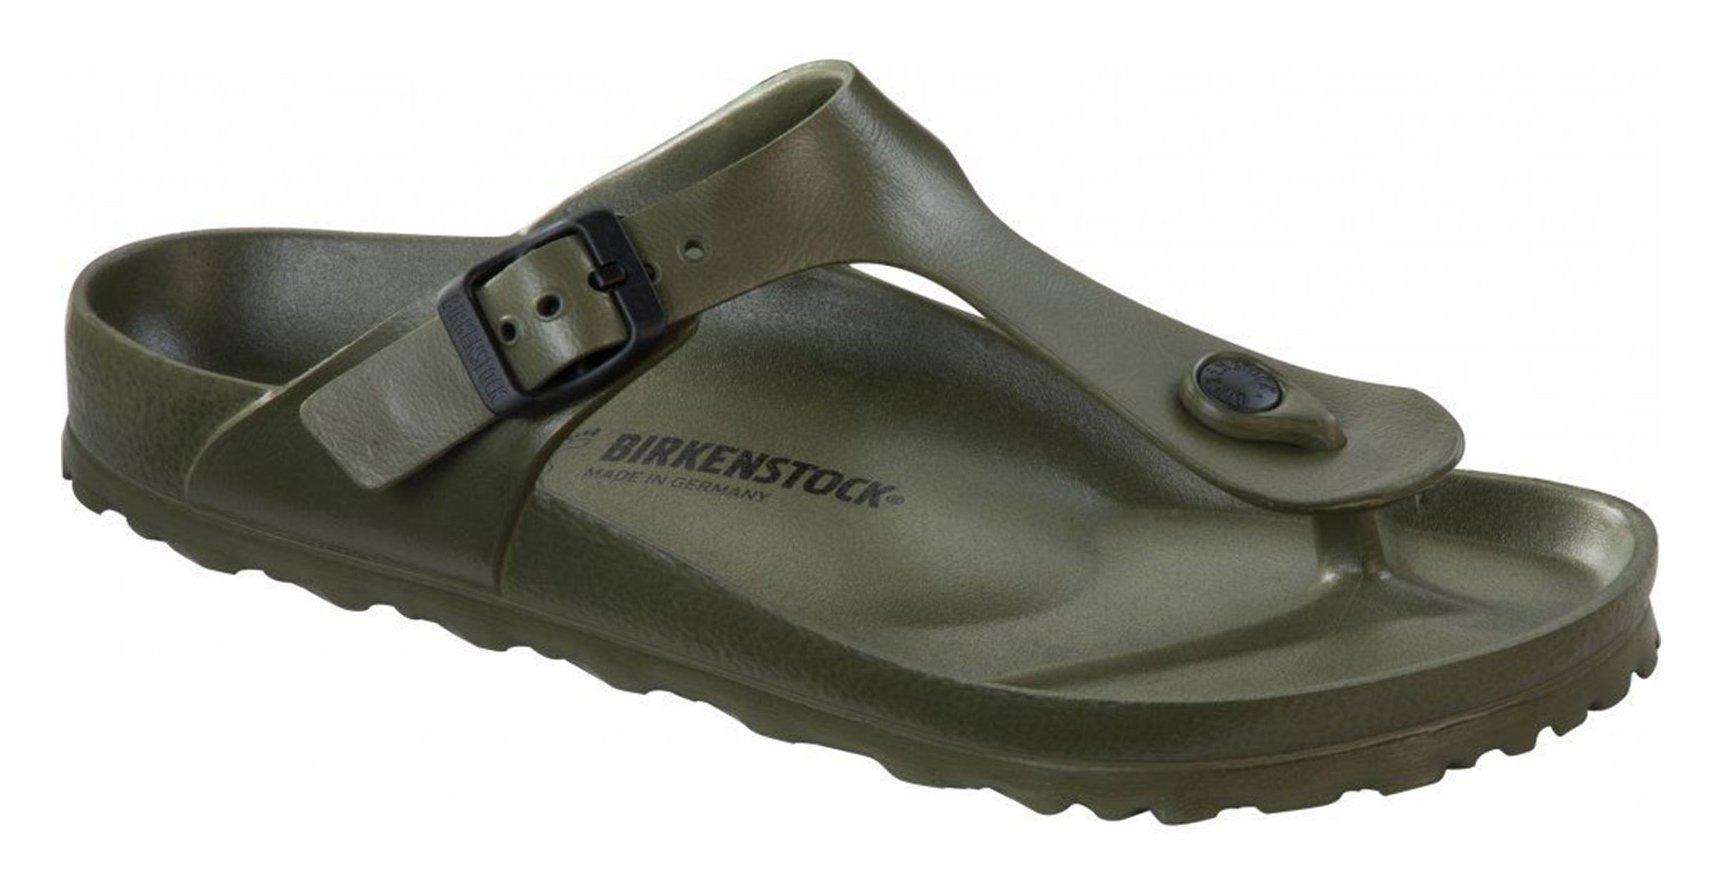 Birkenstock Essentials Unisex Gizeh EVA Sandals Khaki 39 N EU (US Women's 8-8.5)